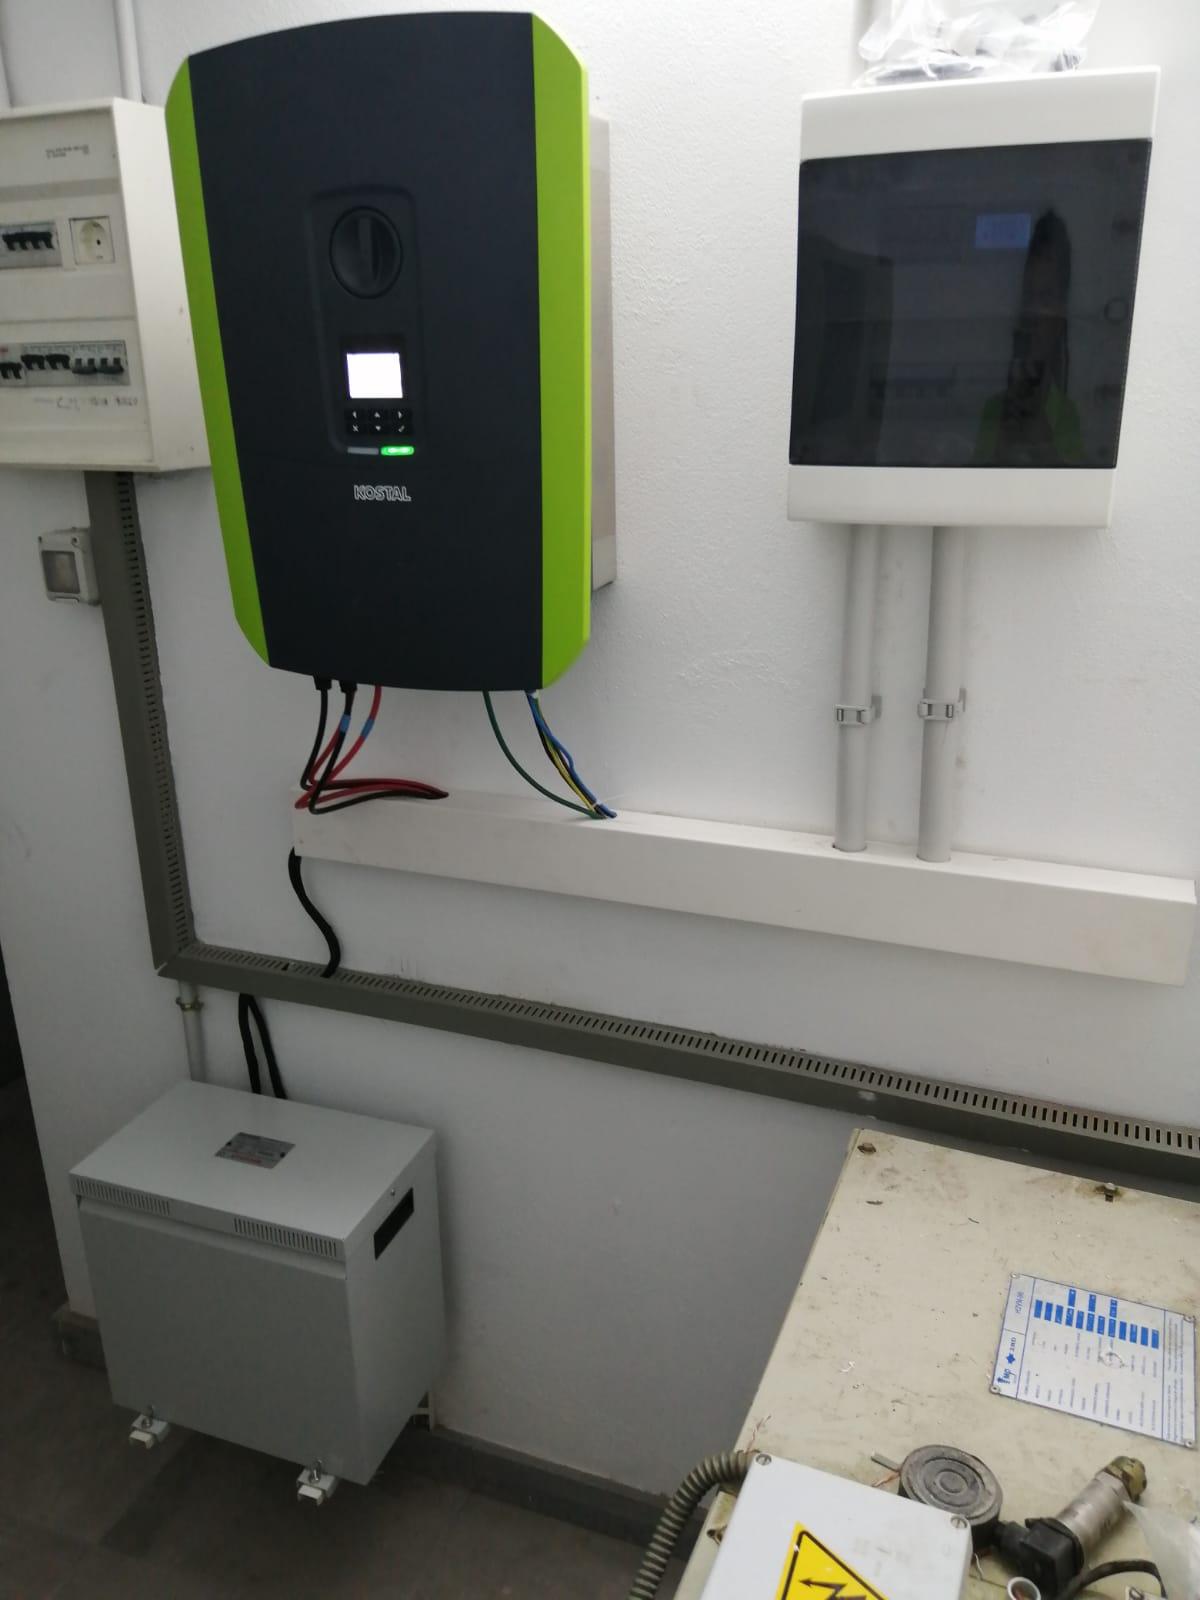 Instalación fotovoltaica 7kw - Escaleritas